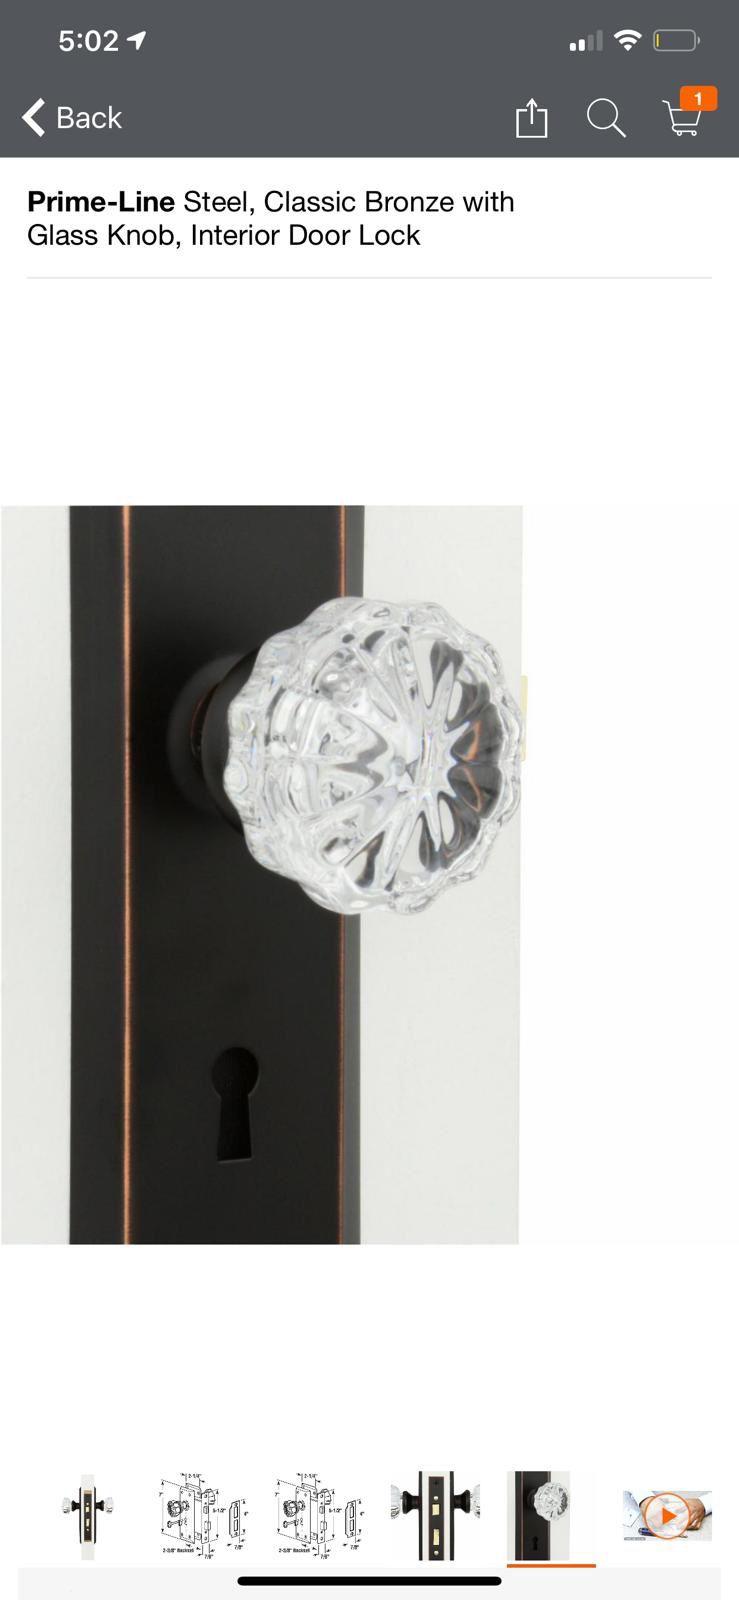 Prime-Line Steel, Classic Bronze with Glass Knob, Interior Door Lock